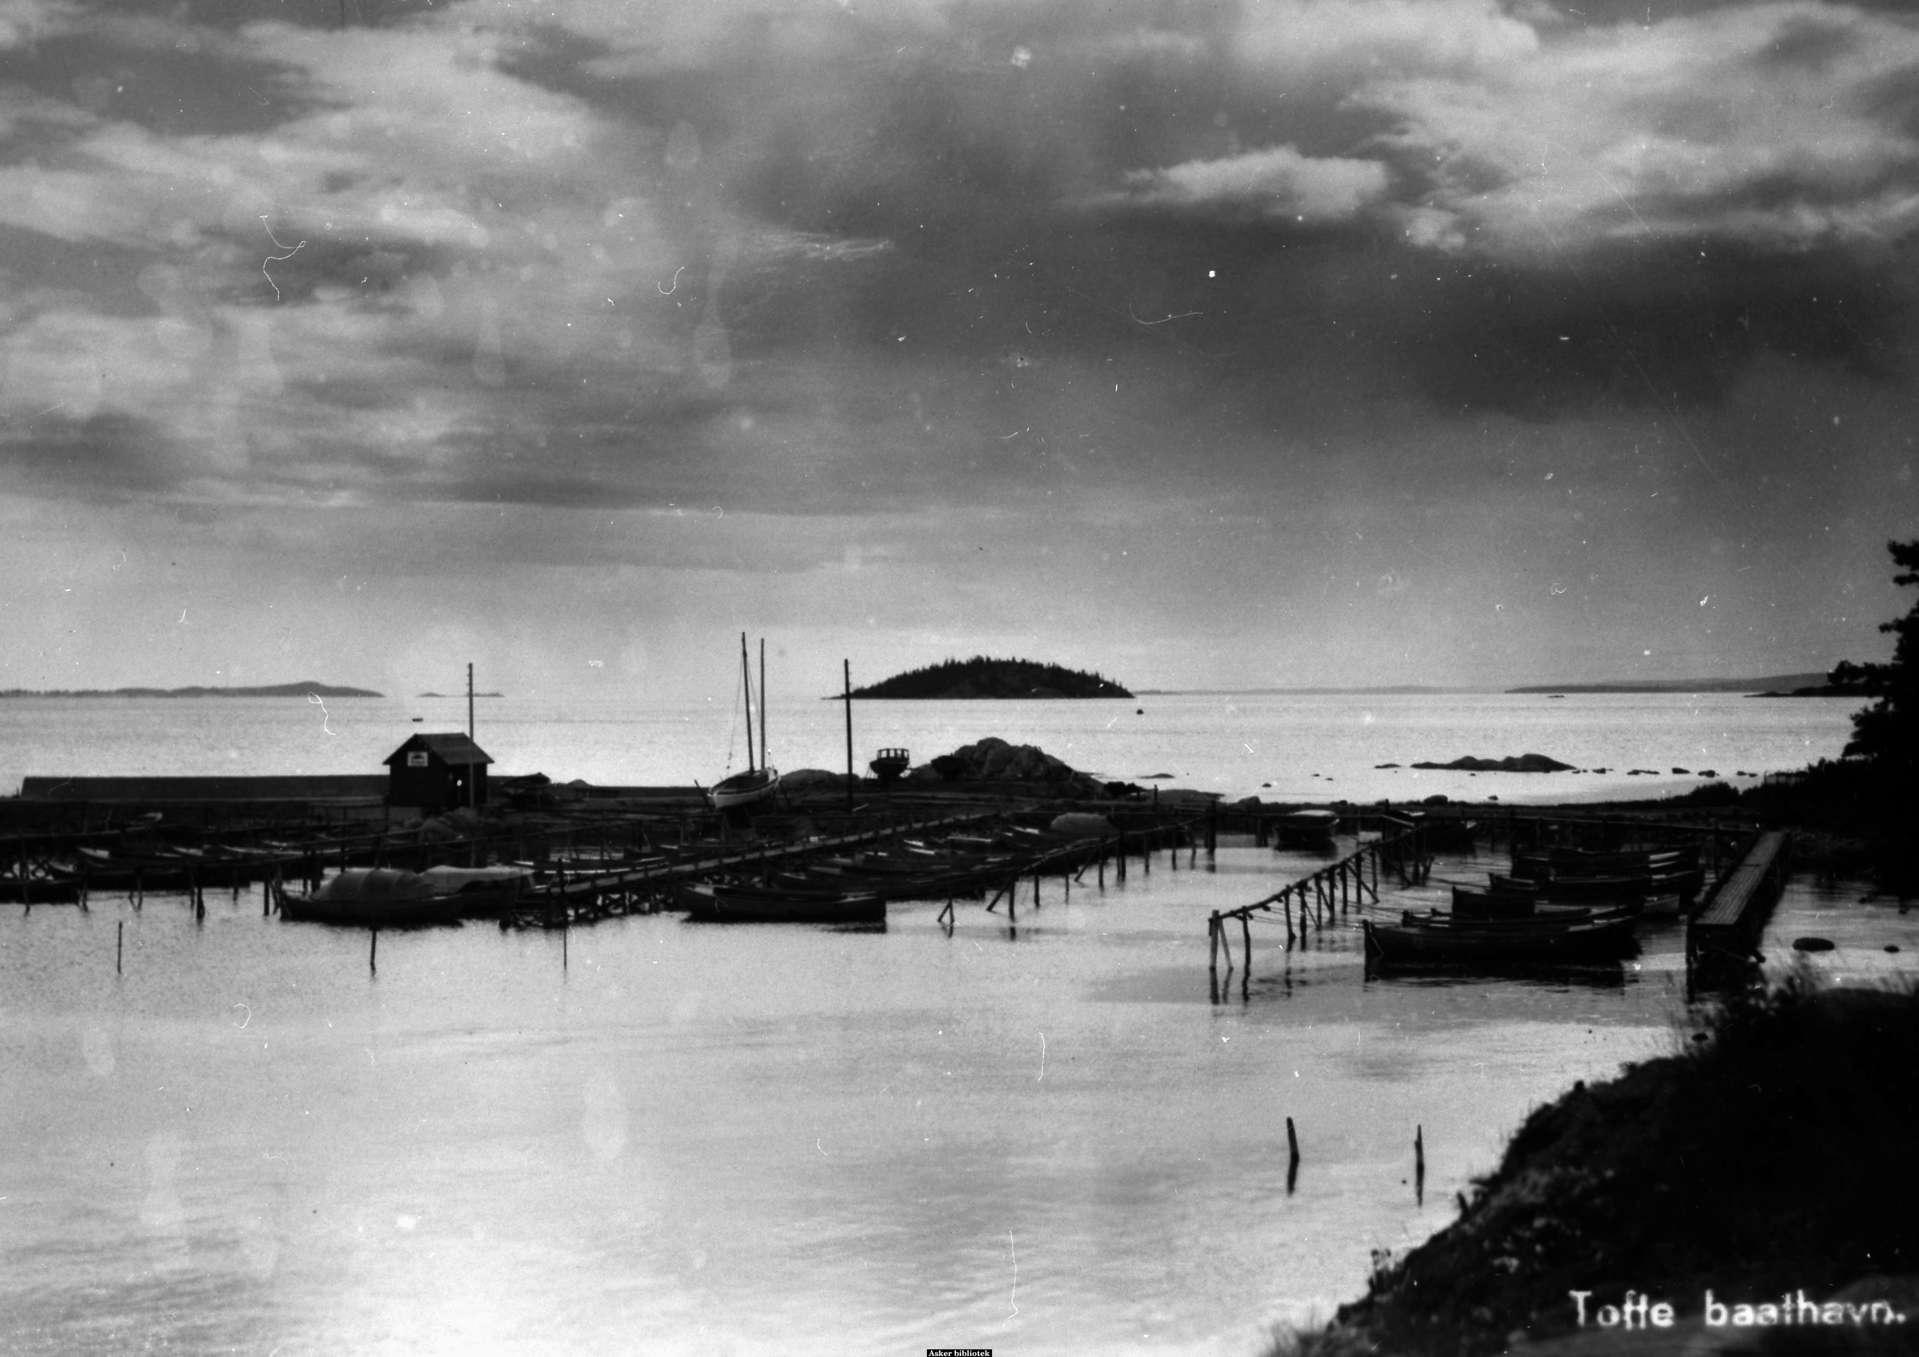 Tofte båthavn 1930.jpg